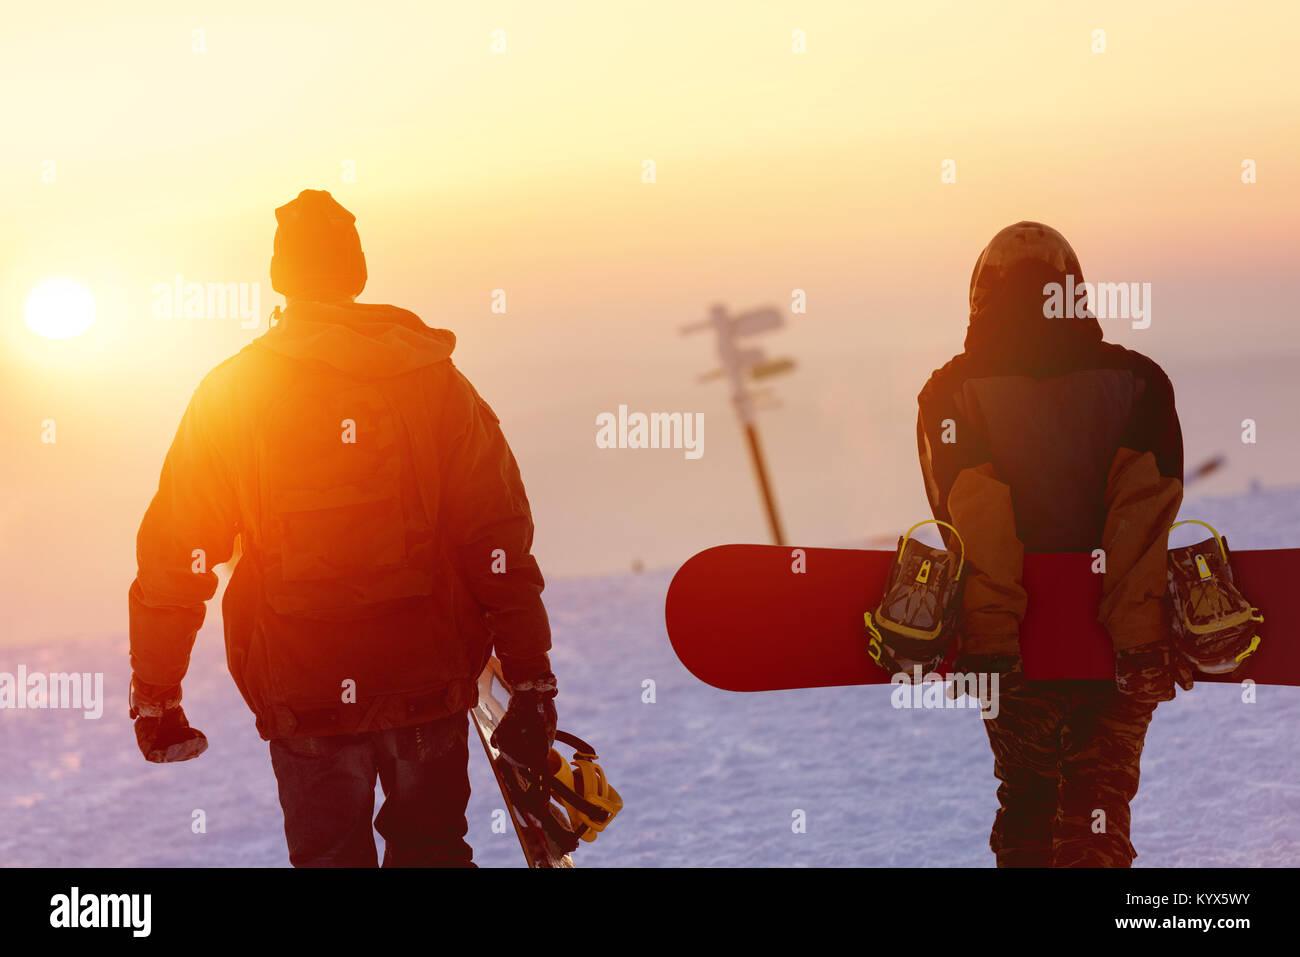 Dos snowboarders caminar contra el cielo del atardecer Imagen De Stock